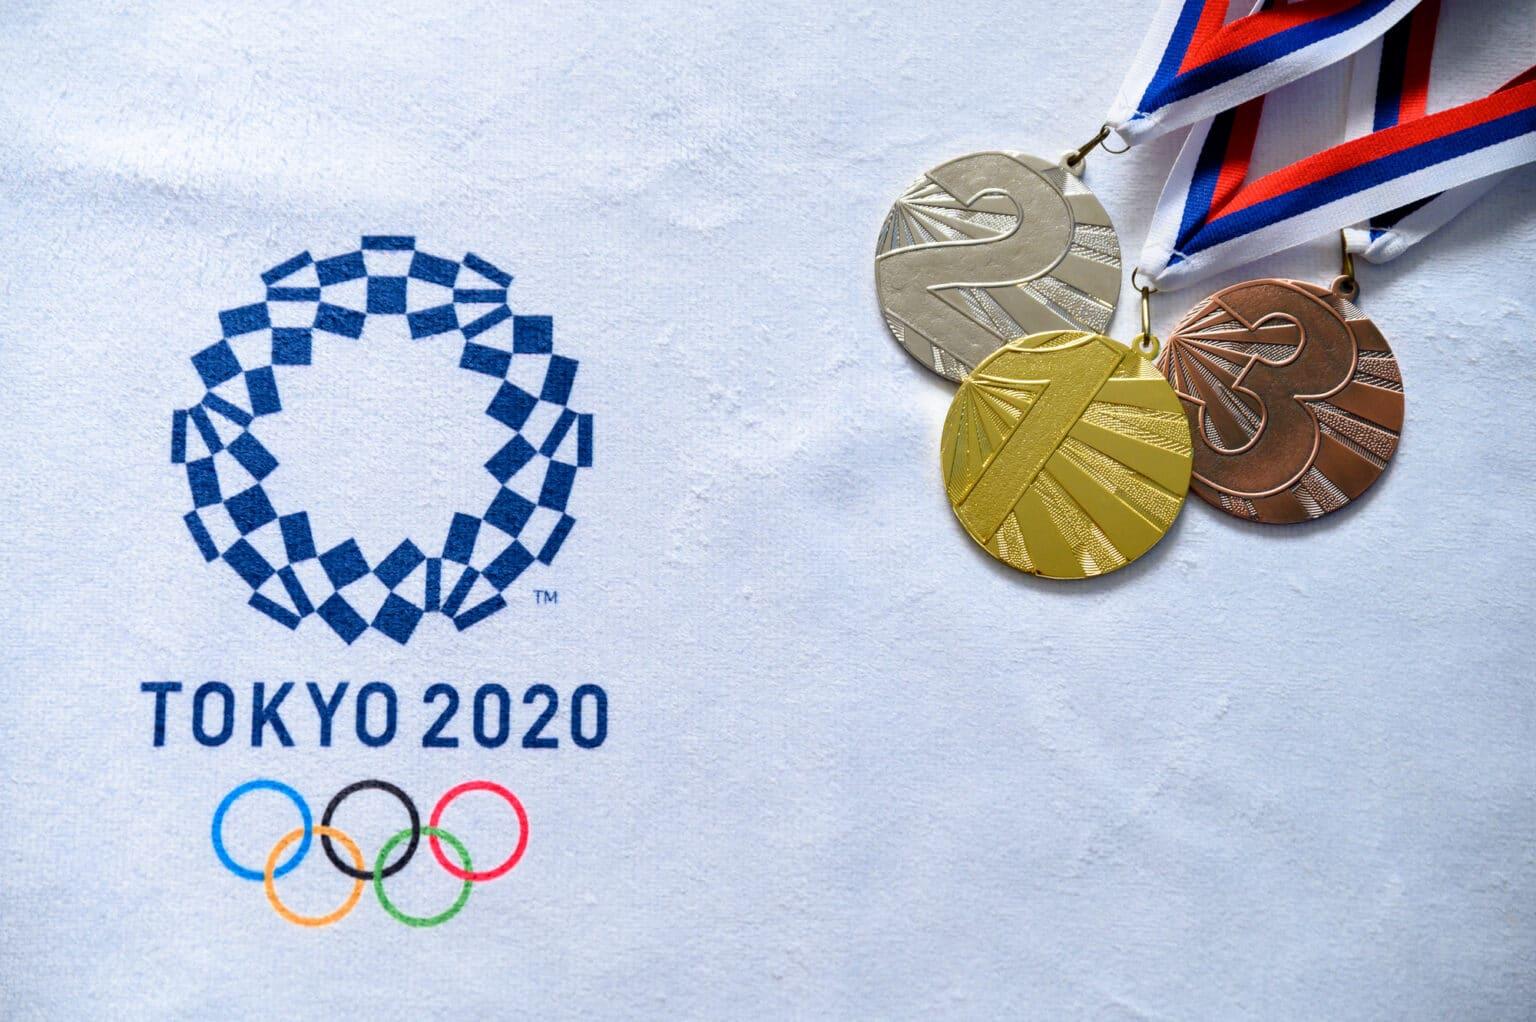 Olimpiadi Tokyo 2020: i risultati di giovedì 29 luglio thumbnail